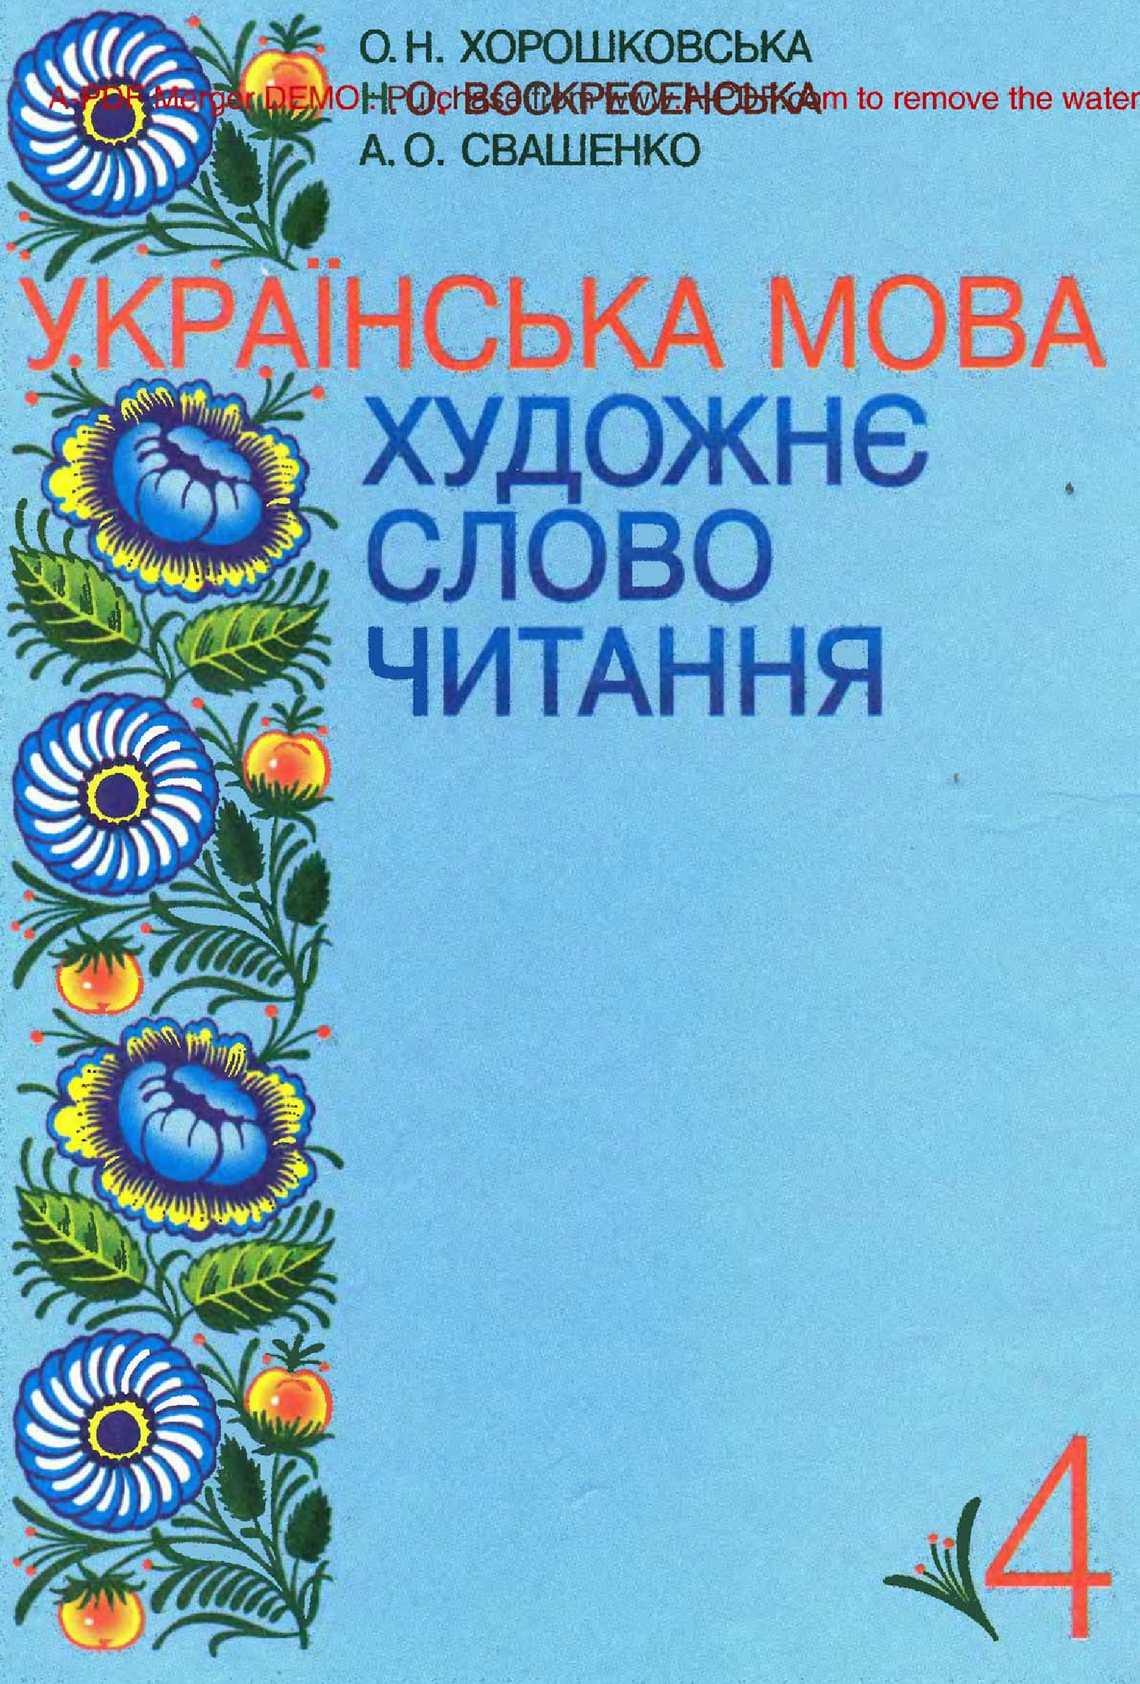 Решебник по украинской мове 6 класс ермоленко